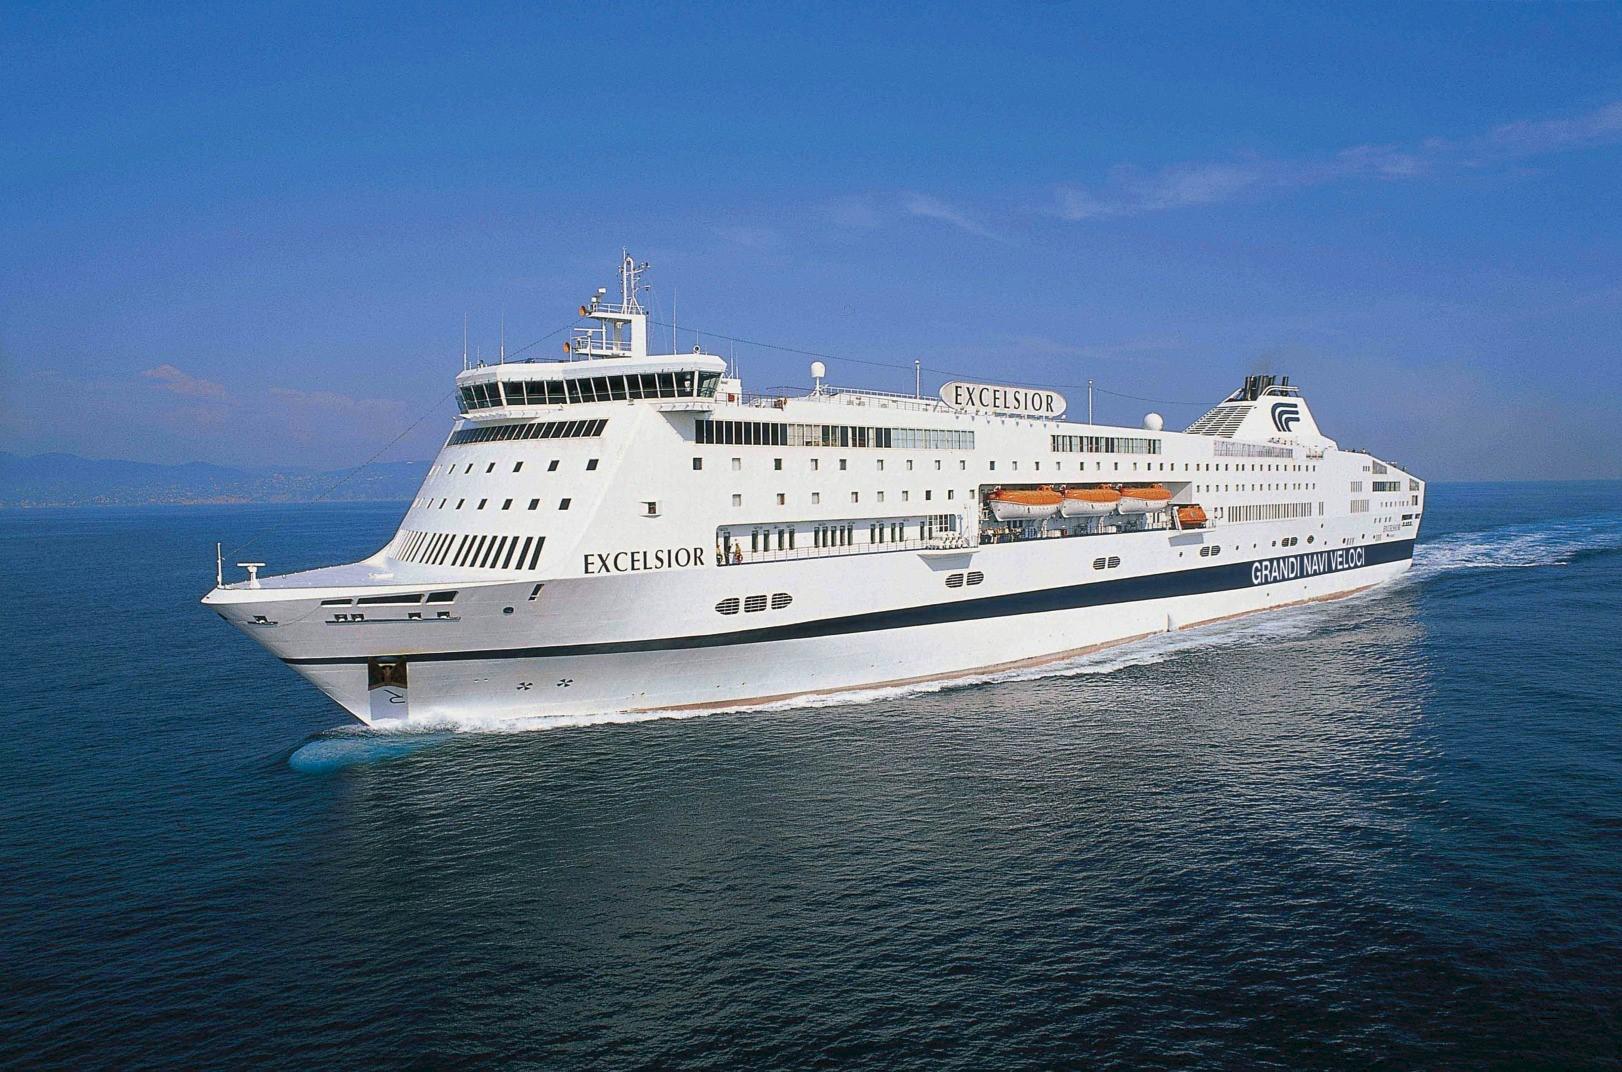 grandi-navi-feloci-excelsior-ferry-boat